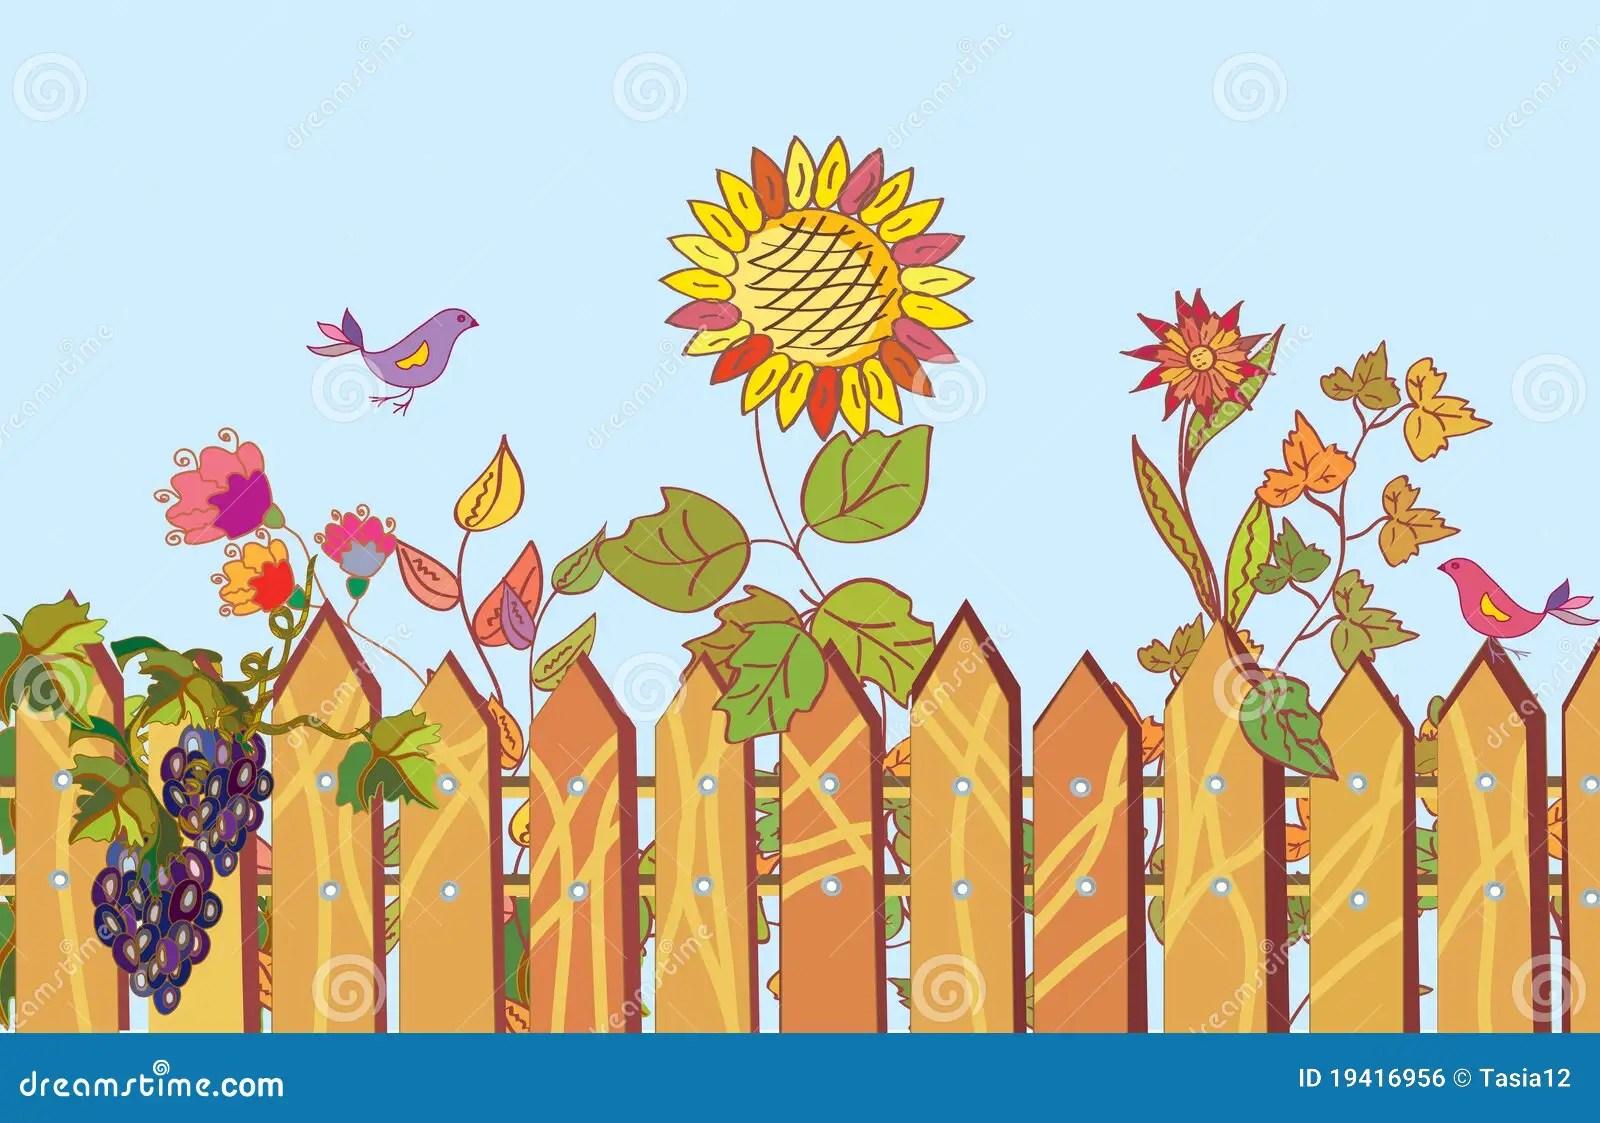 Fall Sunflower Wallpaper Beira Da Cerca E Dos Desenhos Animados Das Flores